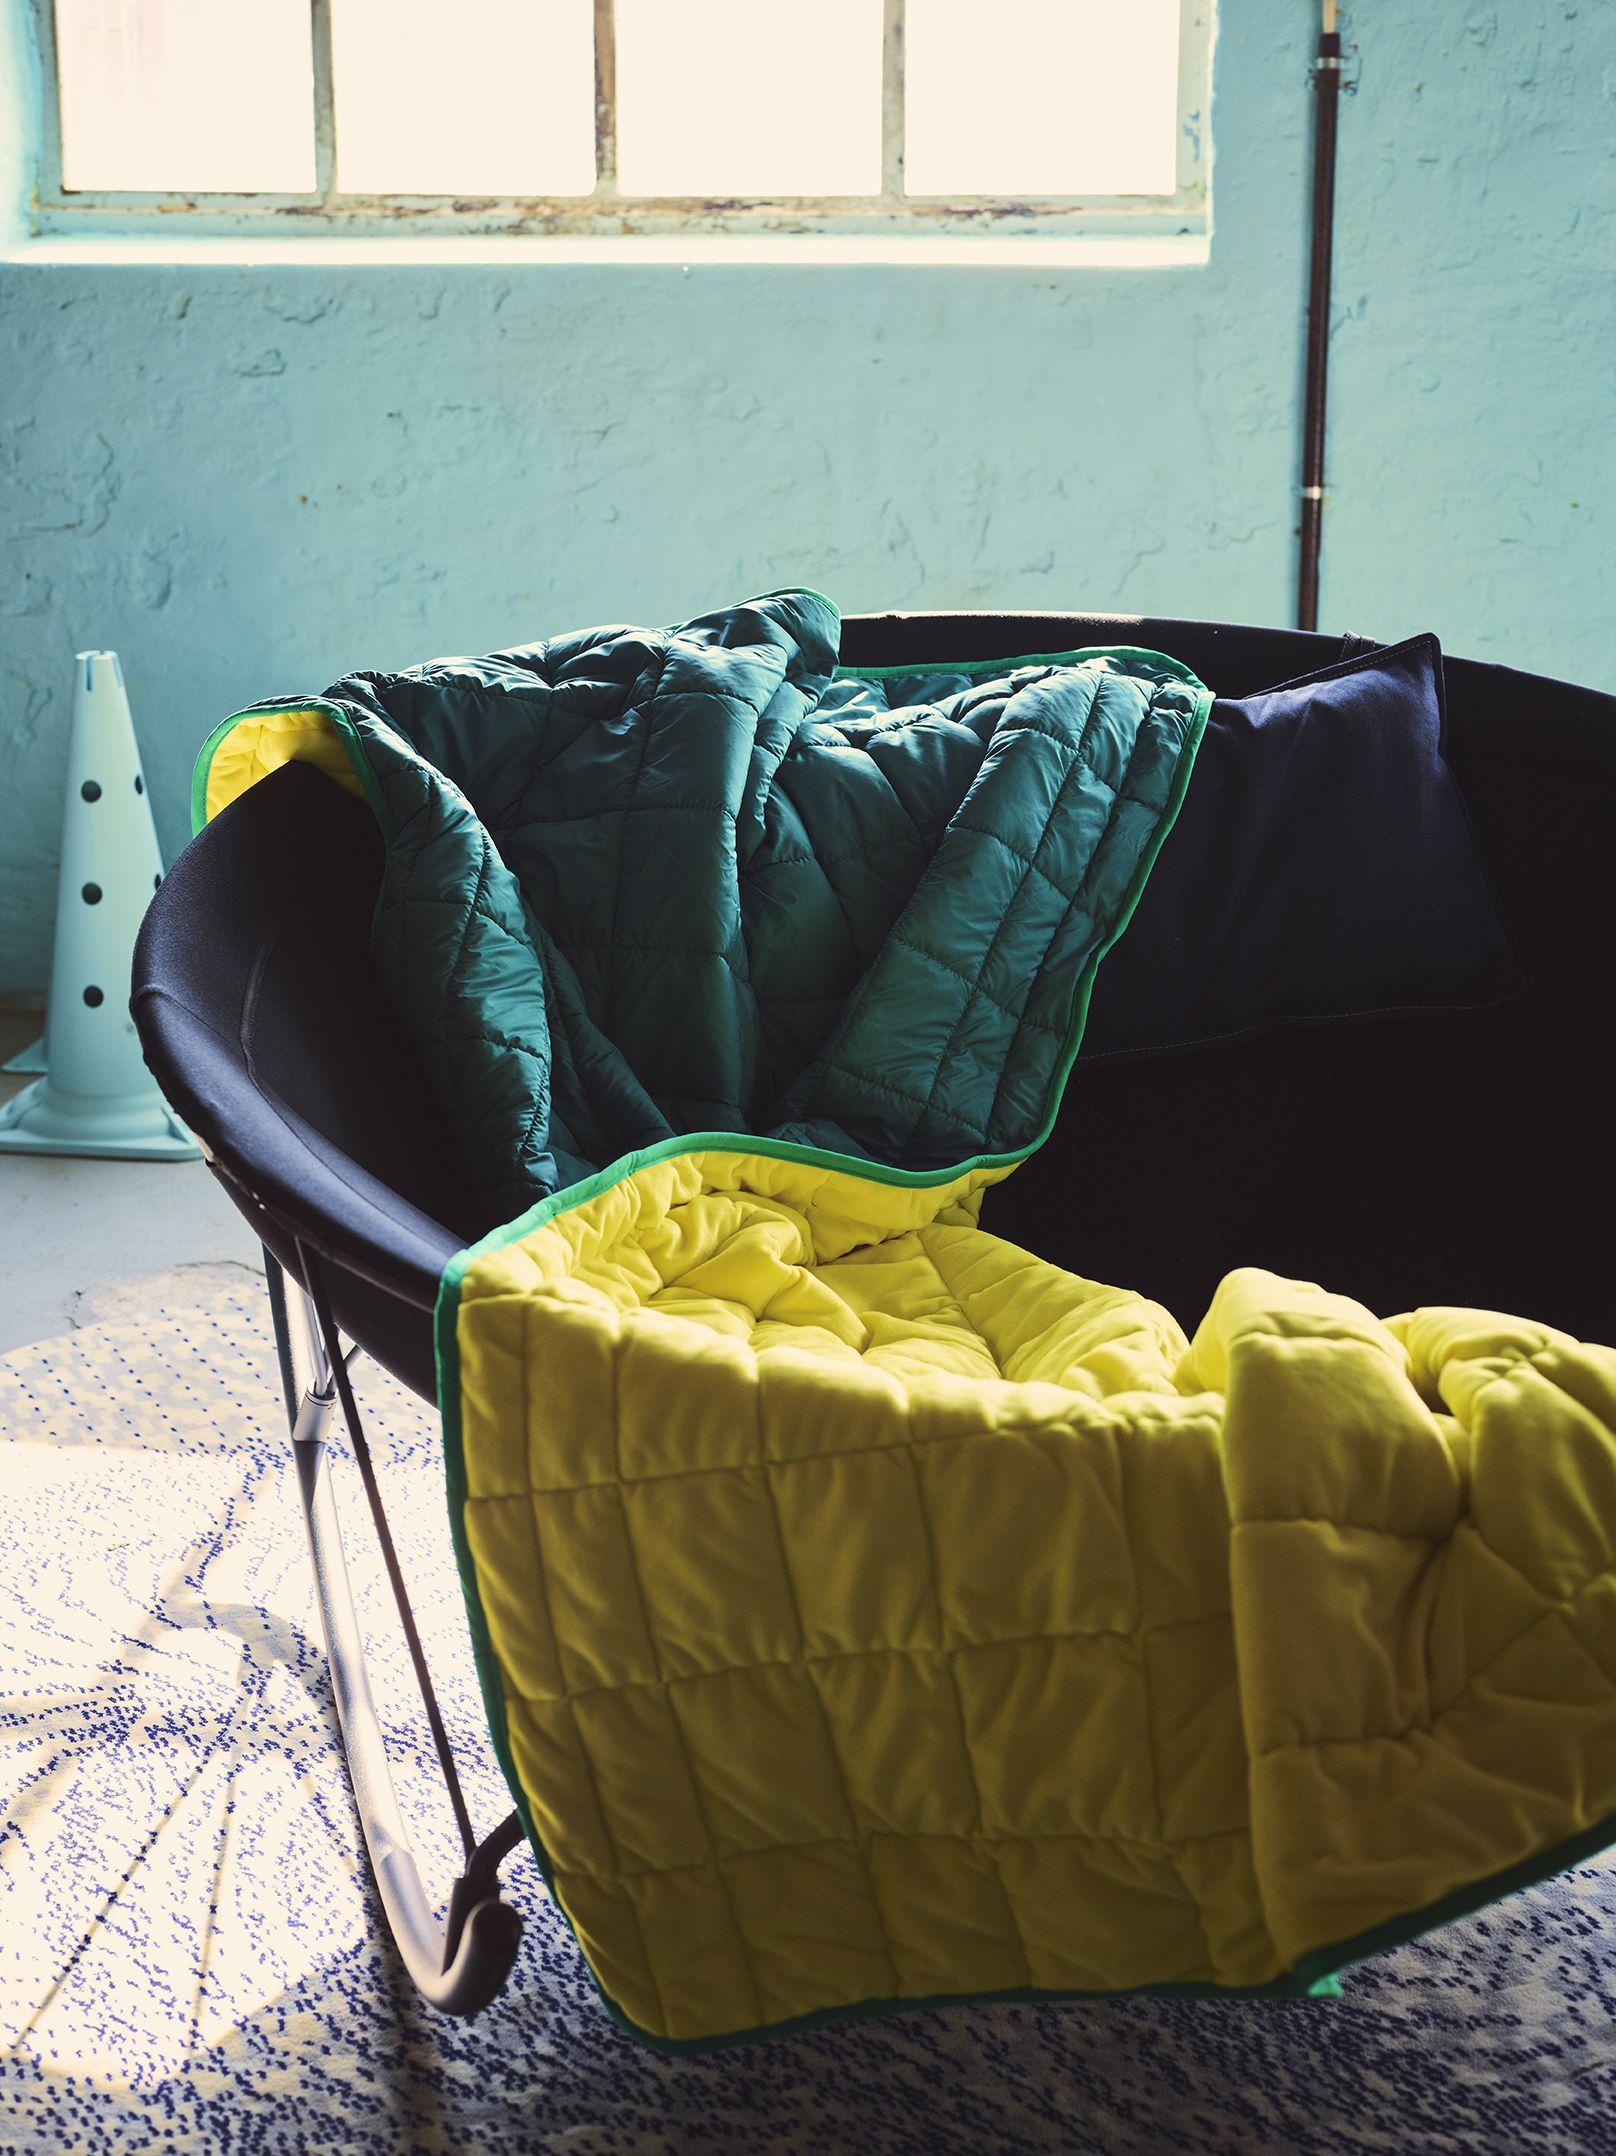 Ikea Ps 2017 Gyngestol Ikea Ps Kollektion Pinterest Ikea Ikea